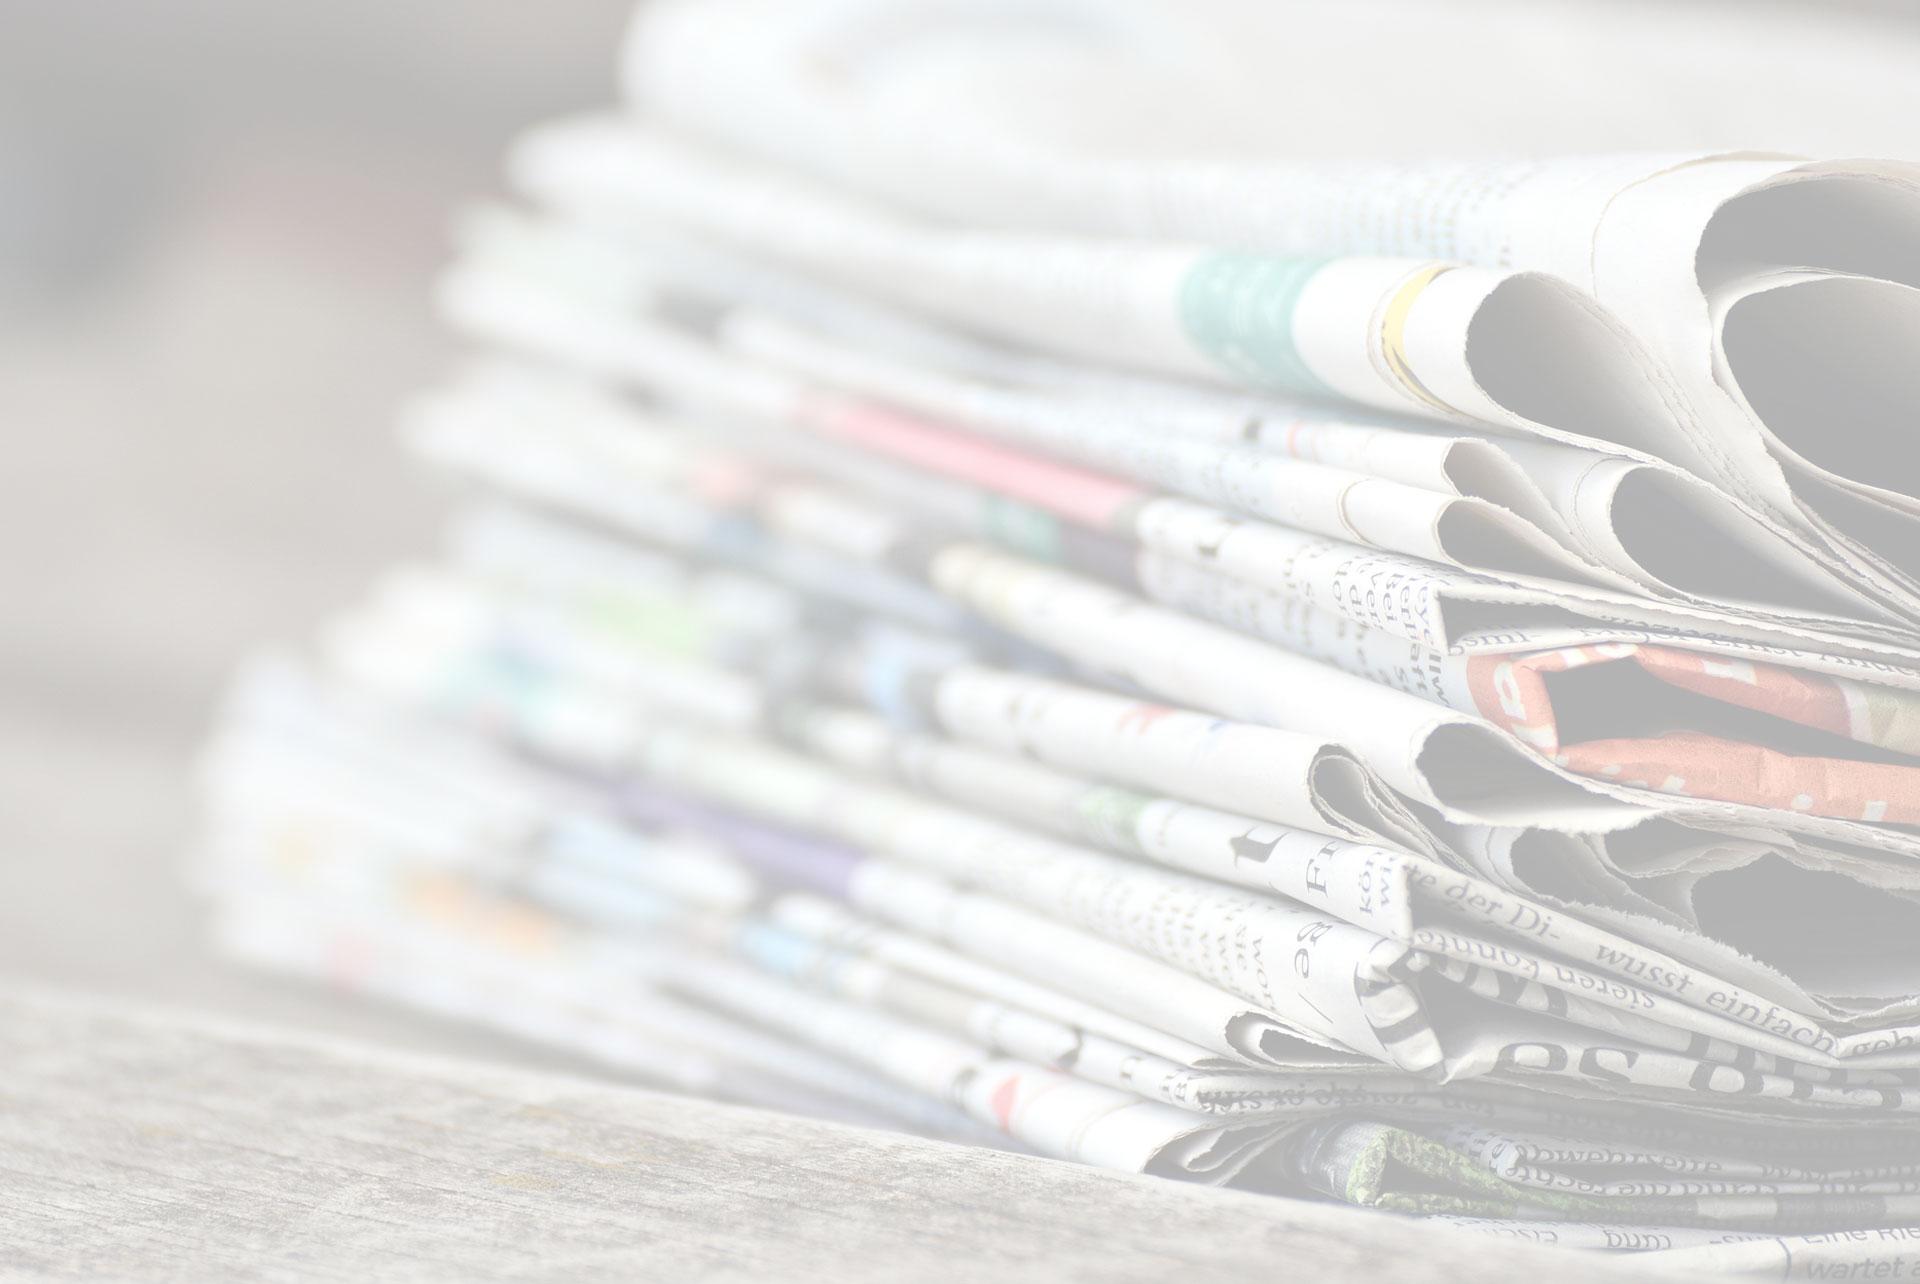 Sanremo Sky Tg 24